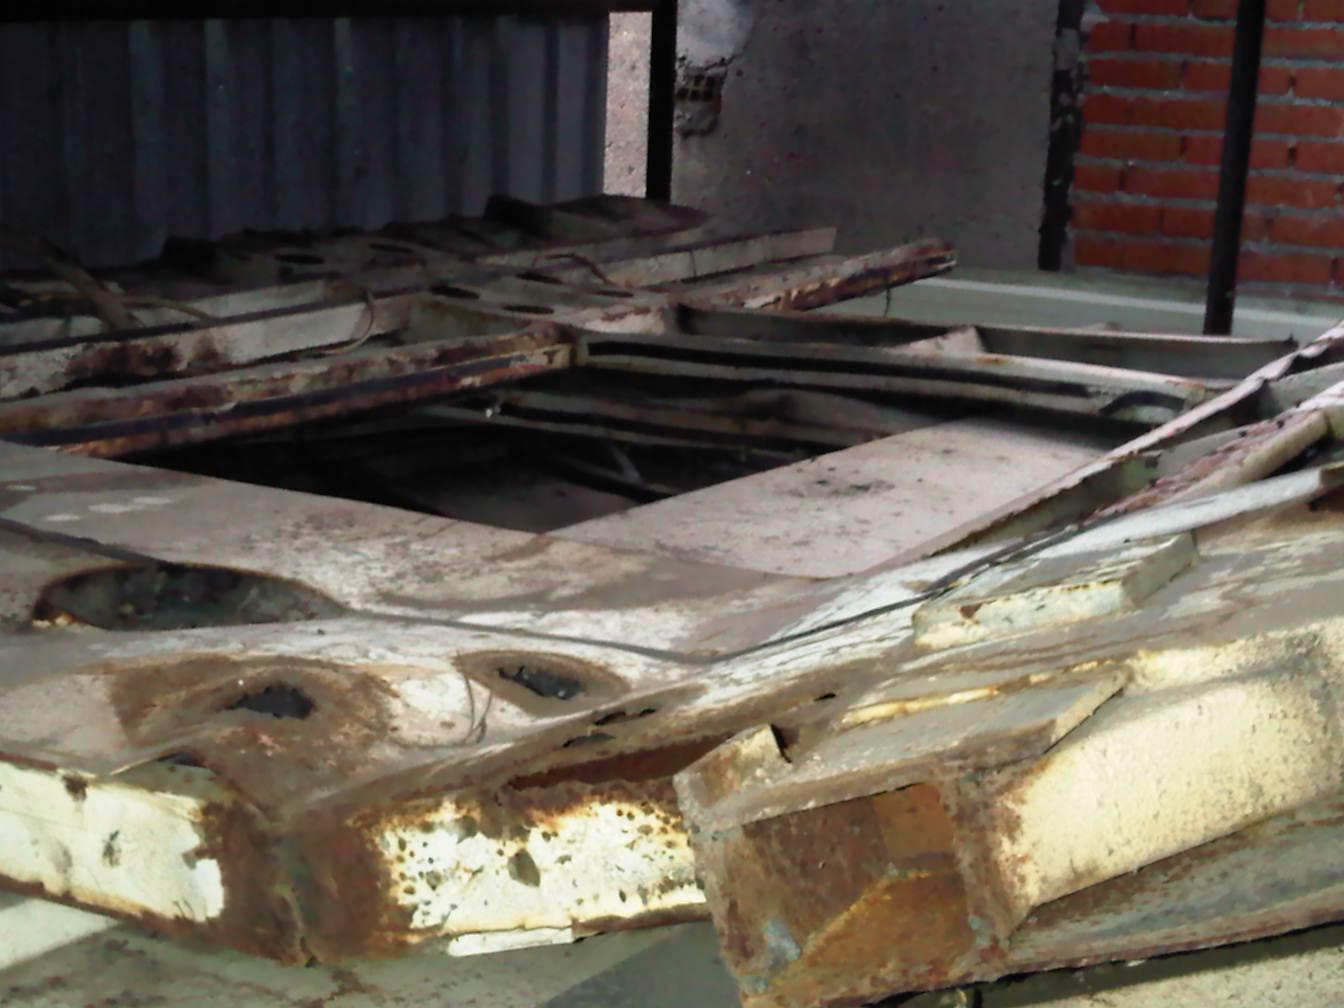 Foto 7.- Chapas deformadas y oxidadas amontonadas en el interior del cobertizo